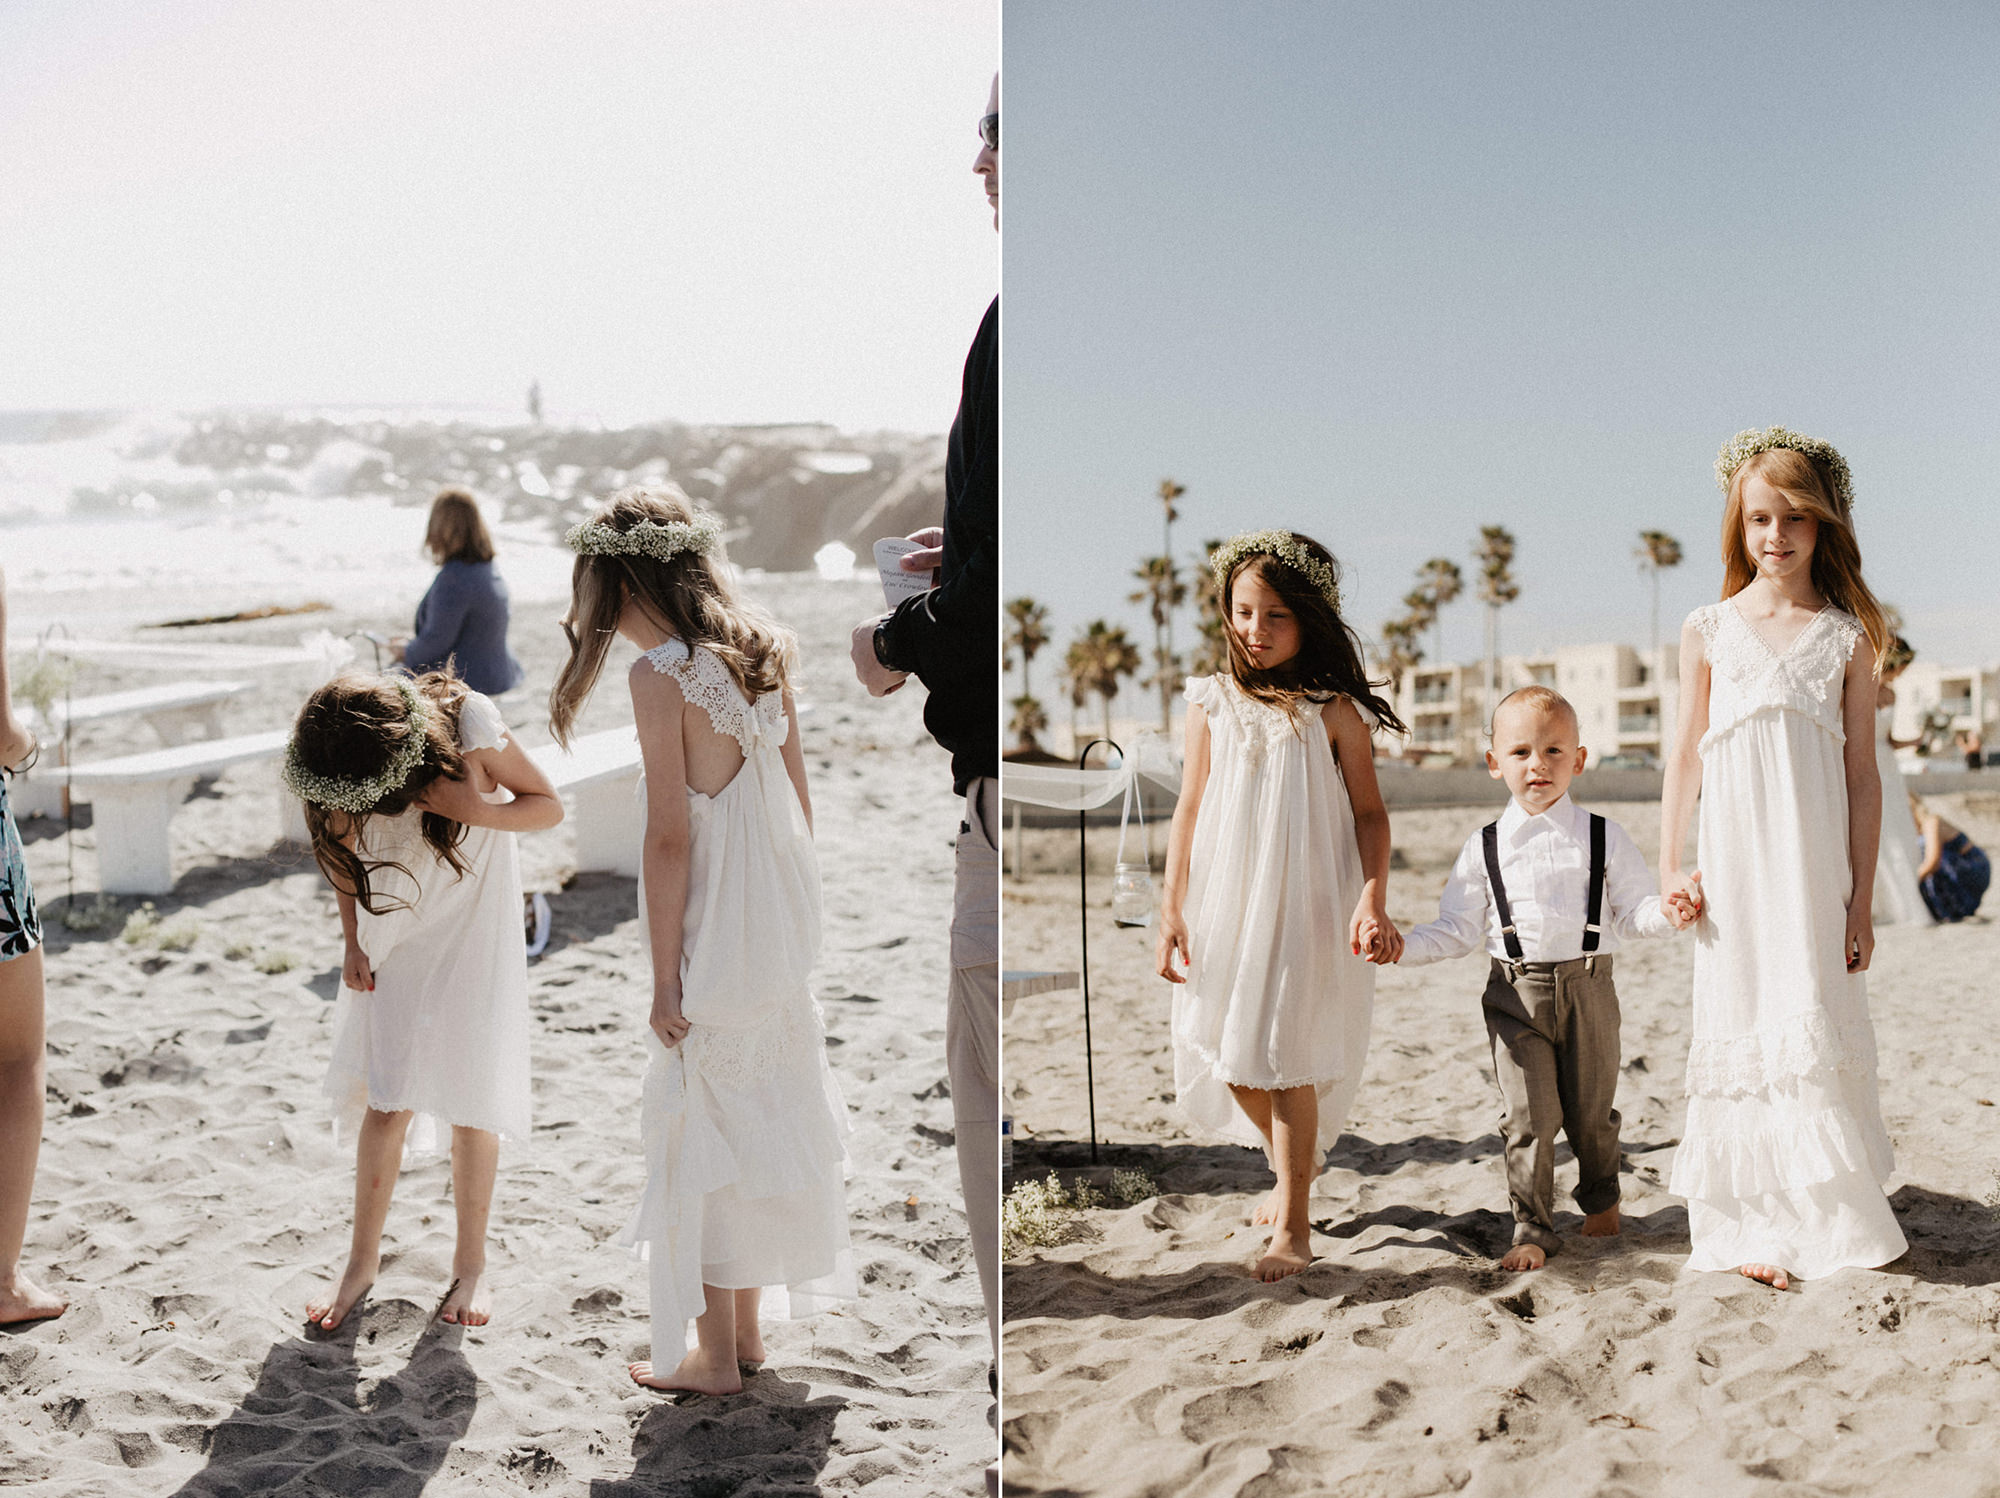 oceanside_airbnb_wedding-21.jpg